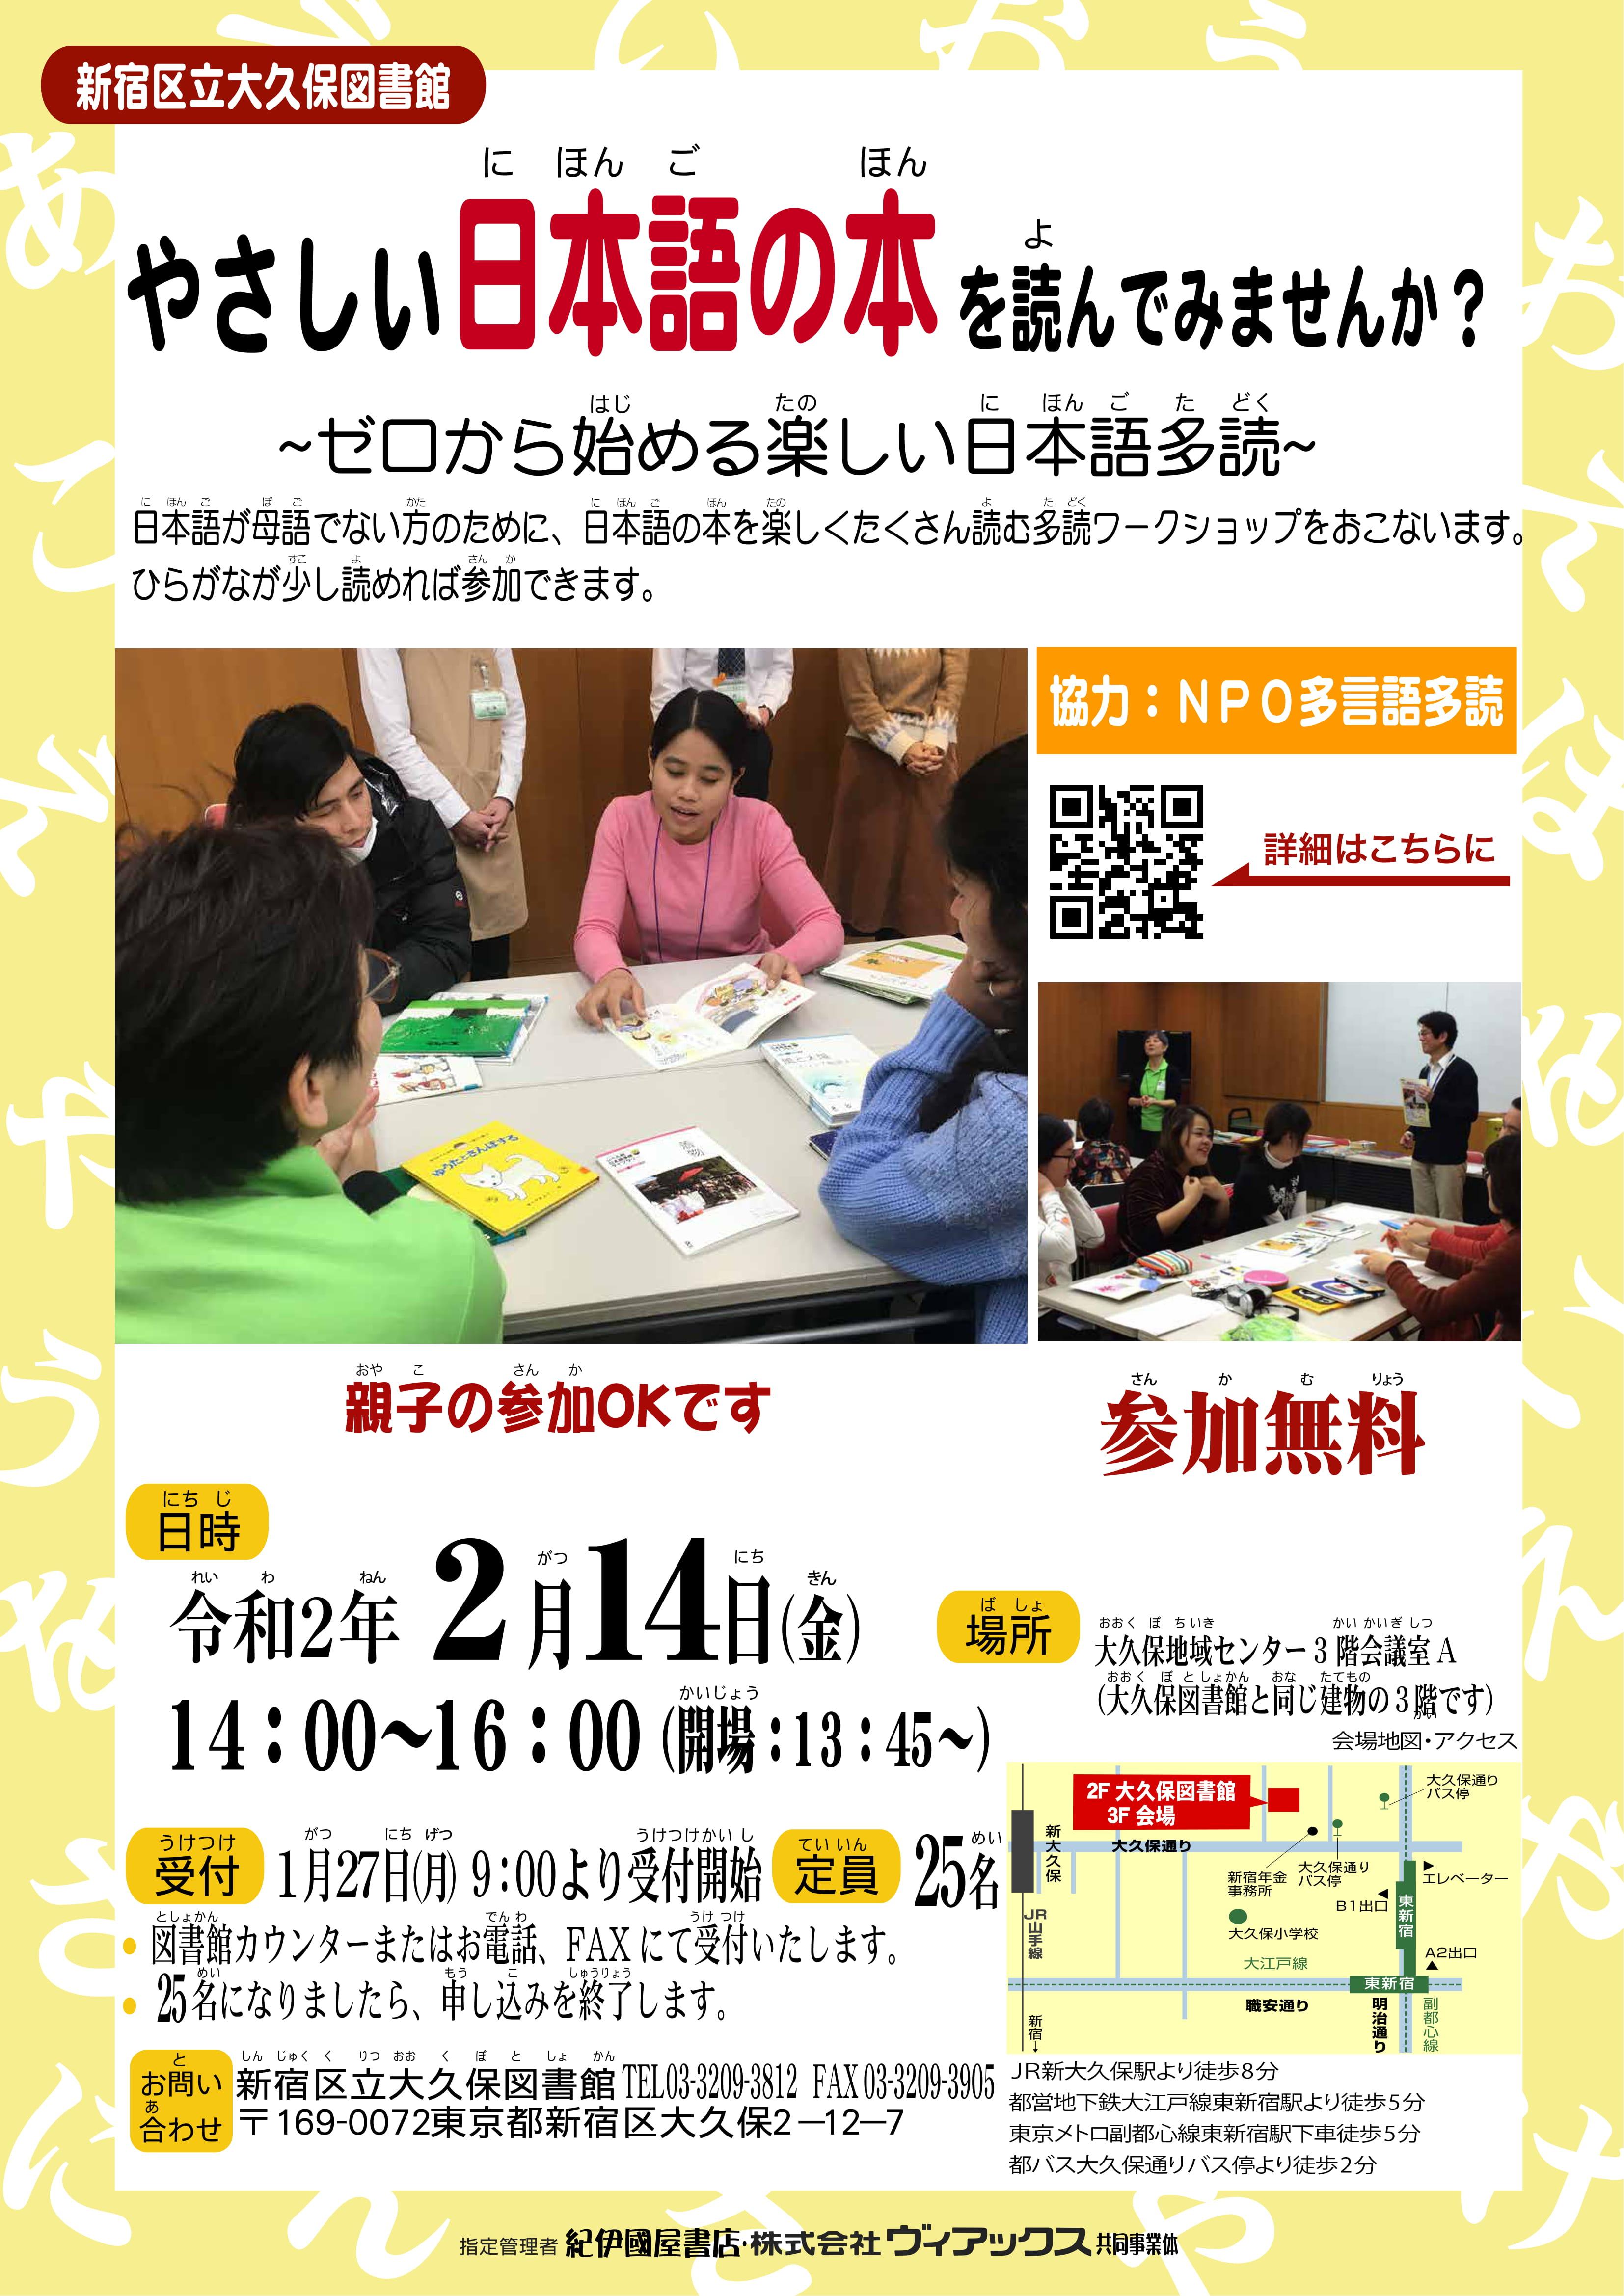 【3稿】200214日本語多読ポスター(日本語、英語、中国語、韓国語)-1-1